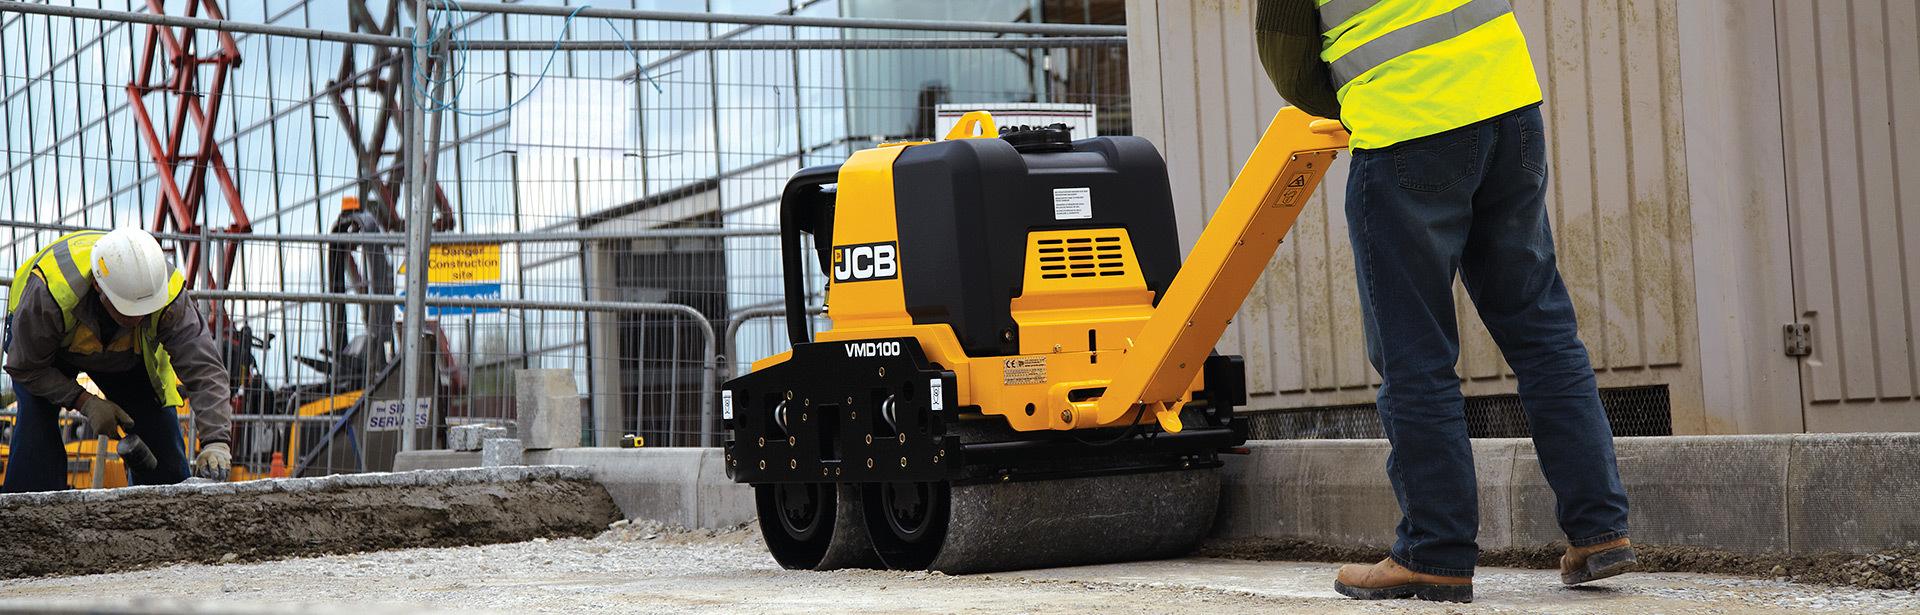 Compaction Equipments Saudi Arabia, JCB Dealer - Abunayyan JCB